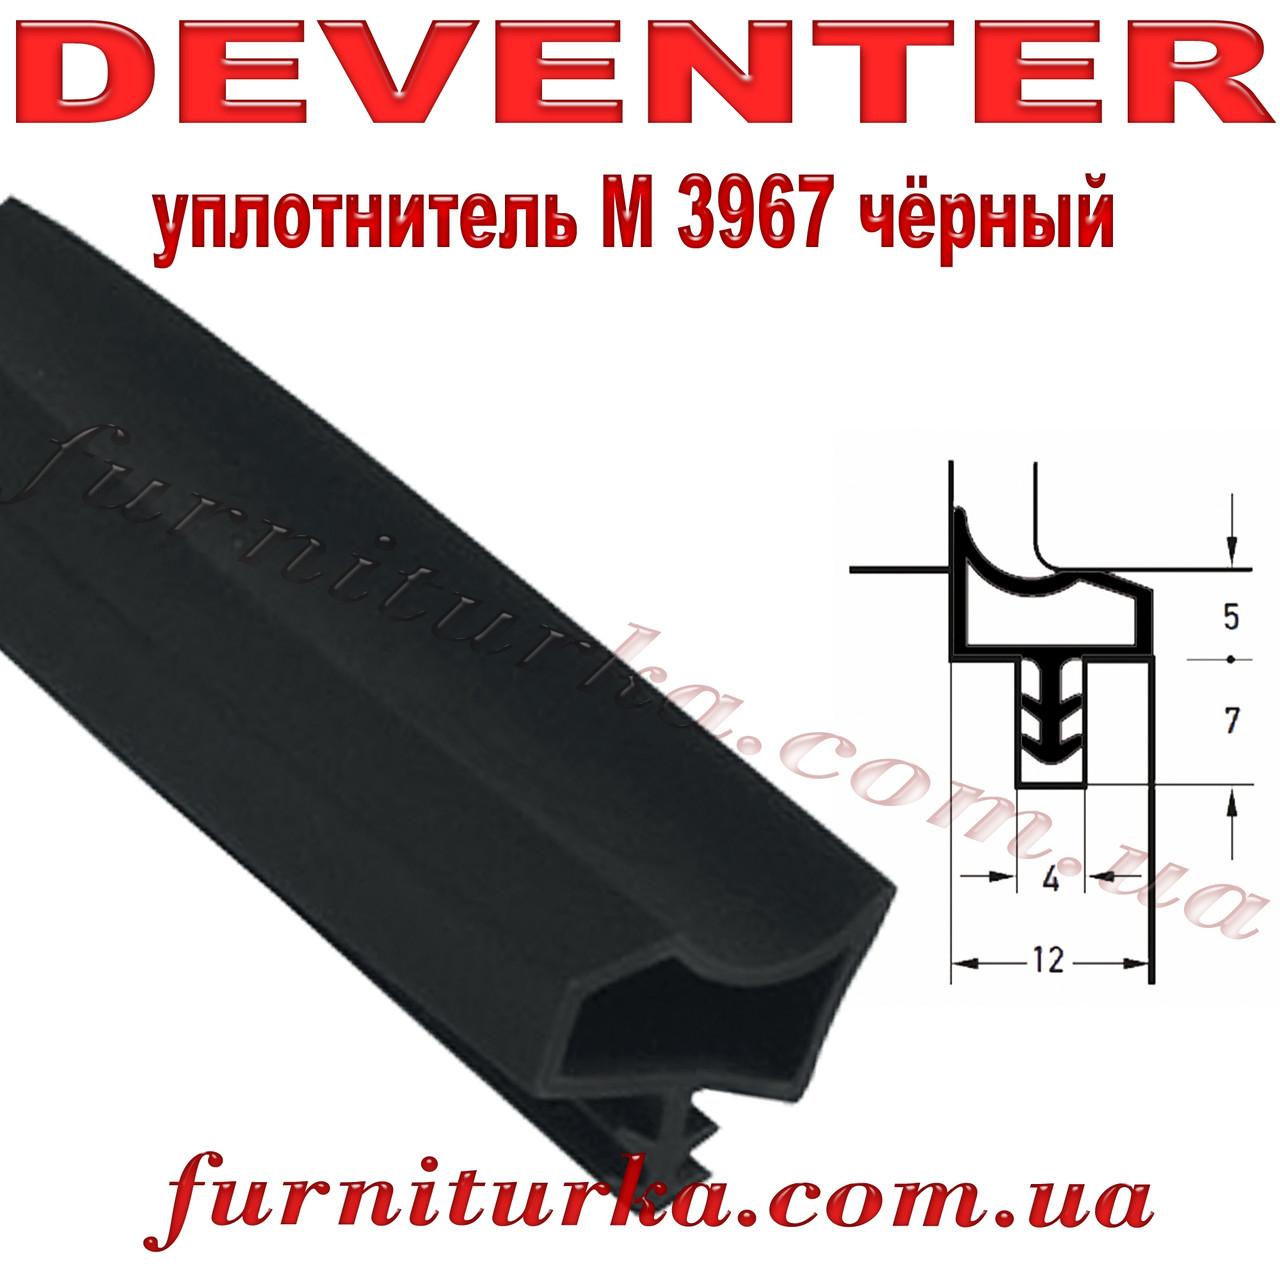 Уплотнитель дверной Deventer М 3967 чёрный